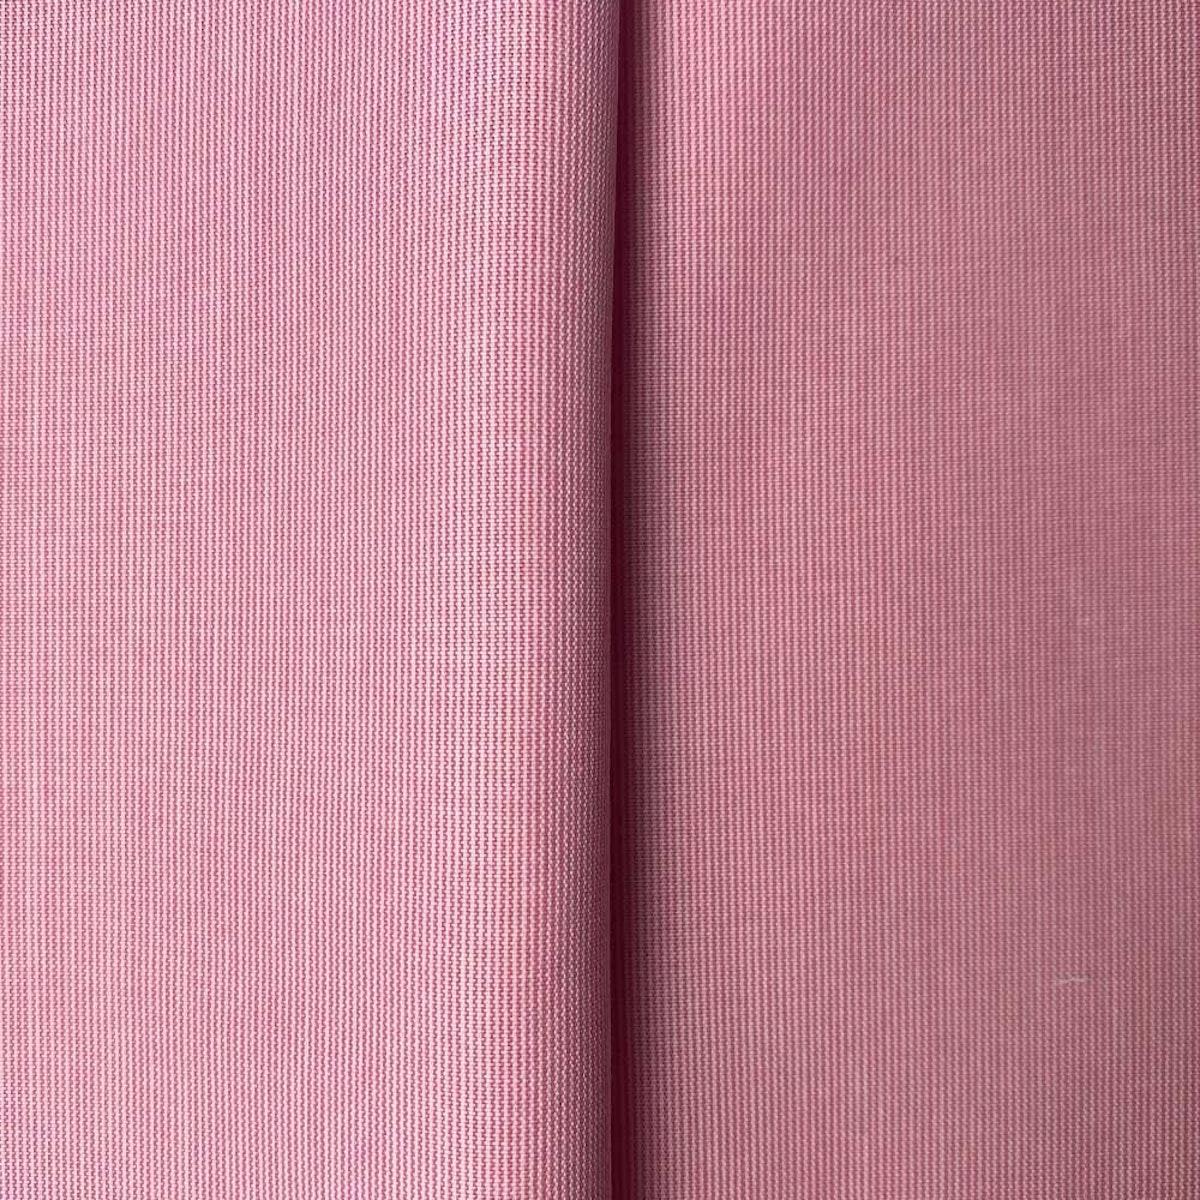 InStitchu Shirt Fabric 78